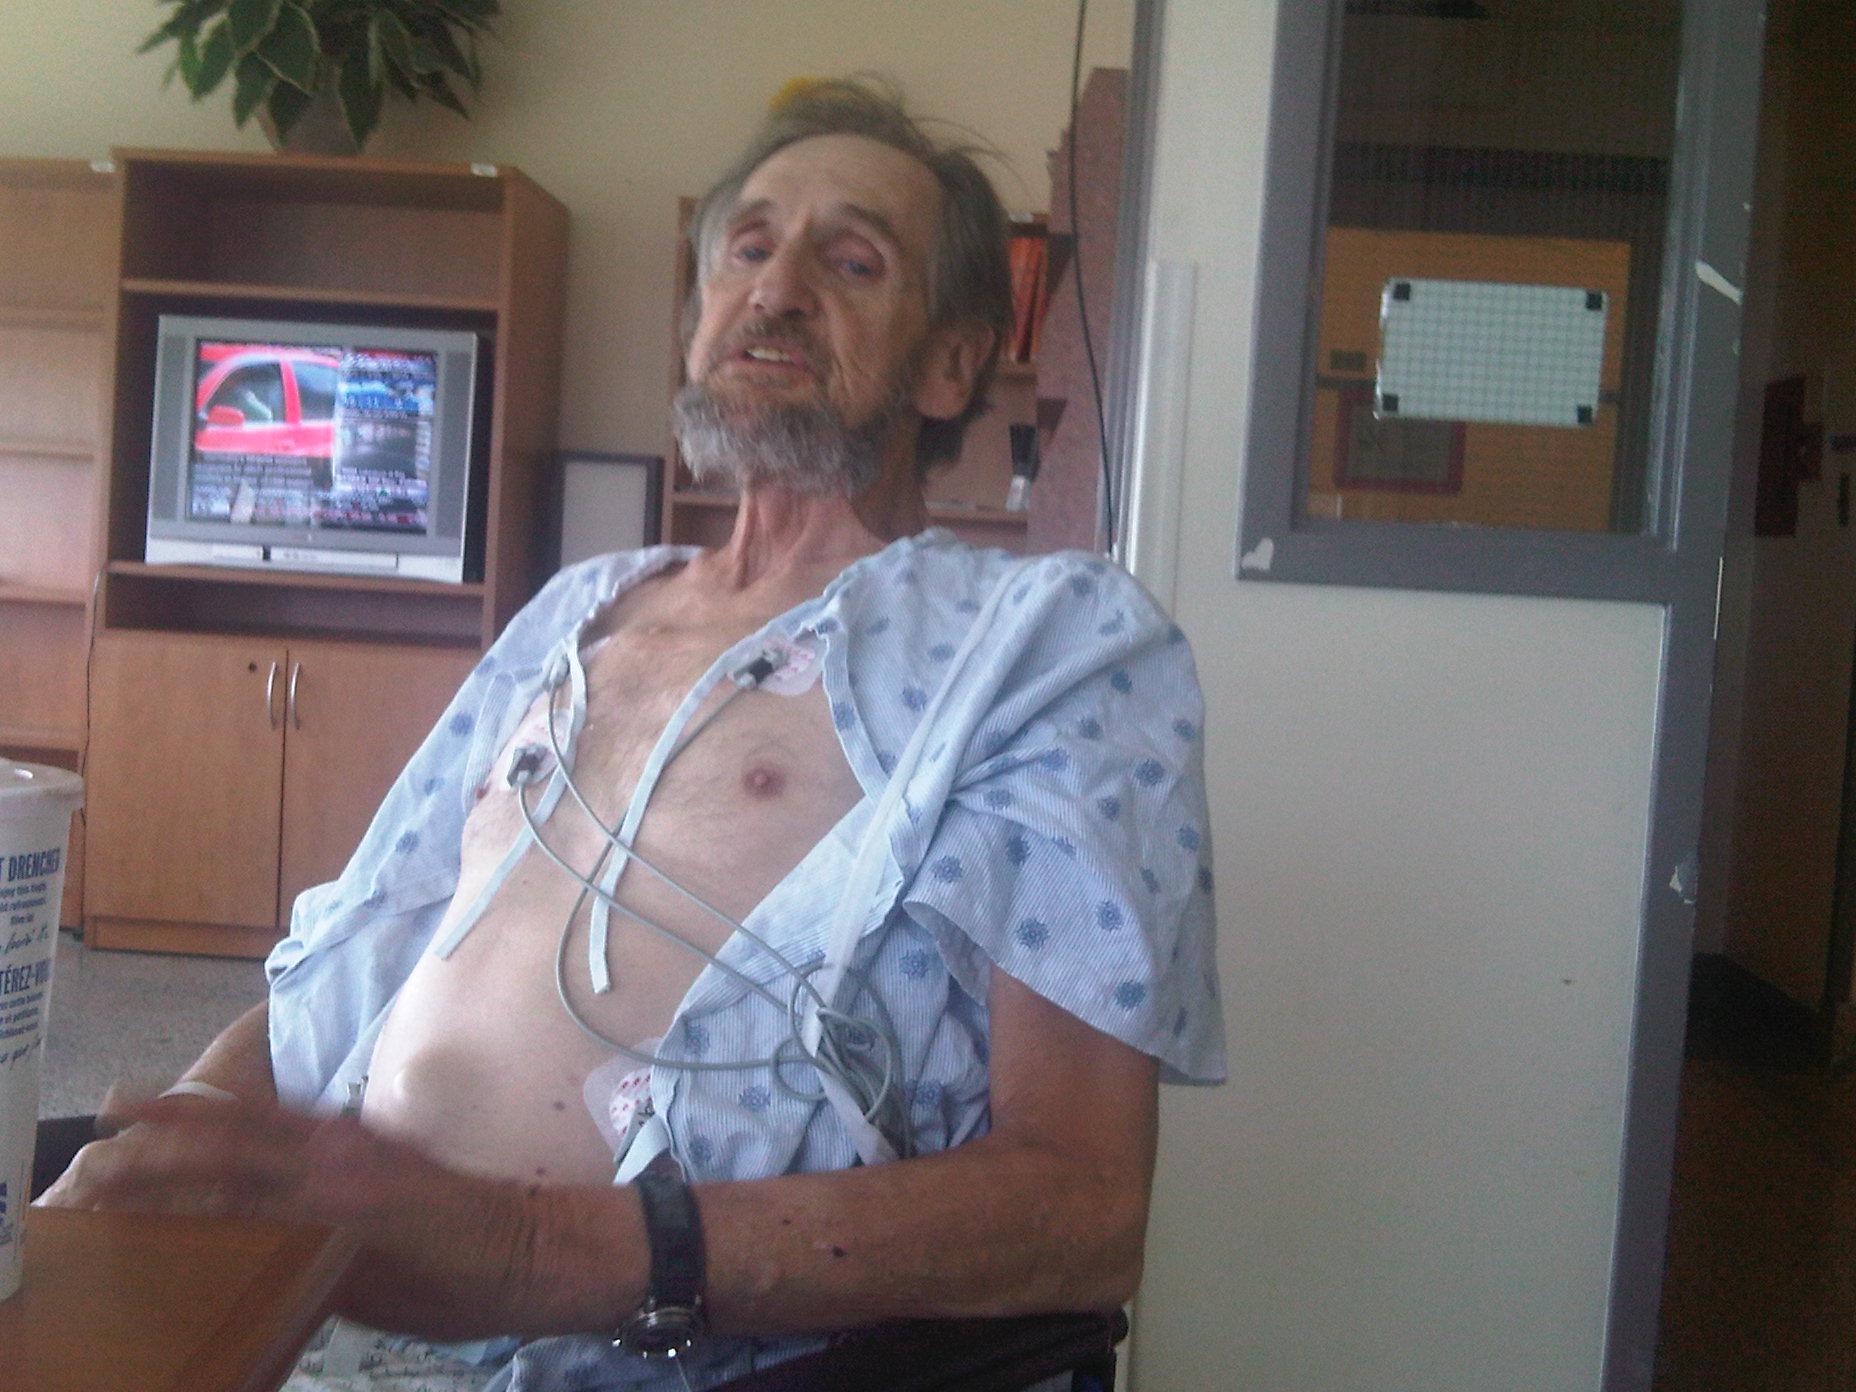 2 - Tony in Hospital  - Oct 5 2009